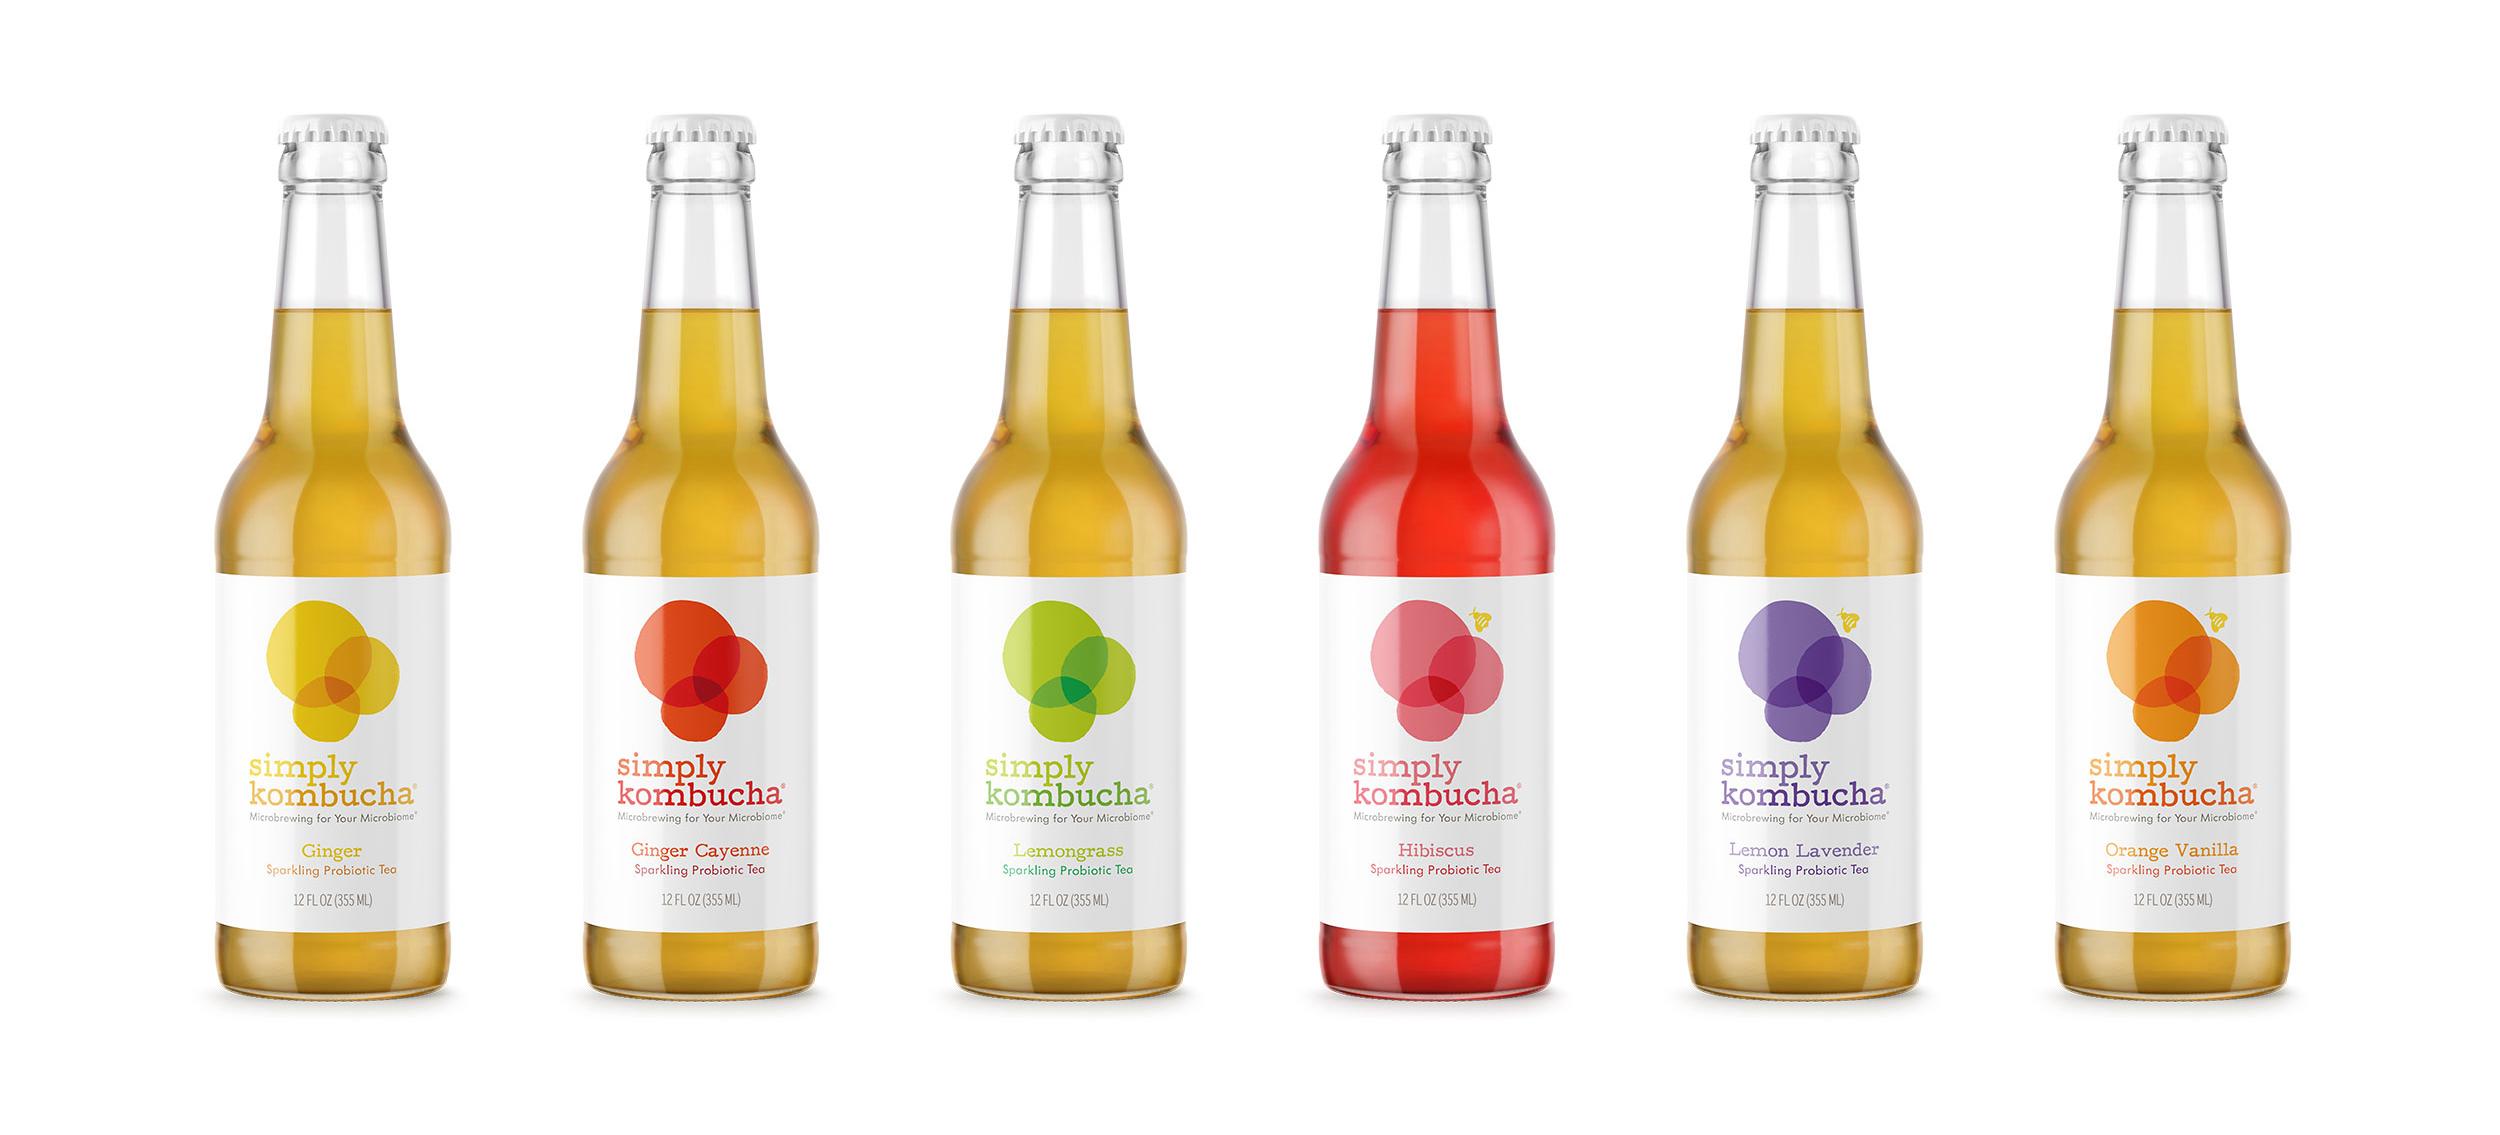 sk-bottle-line-up2.jpg